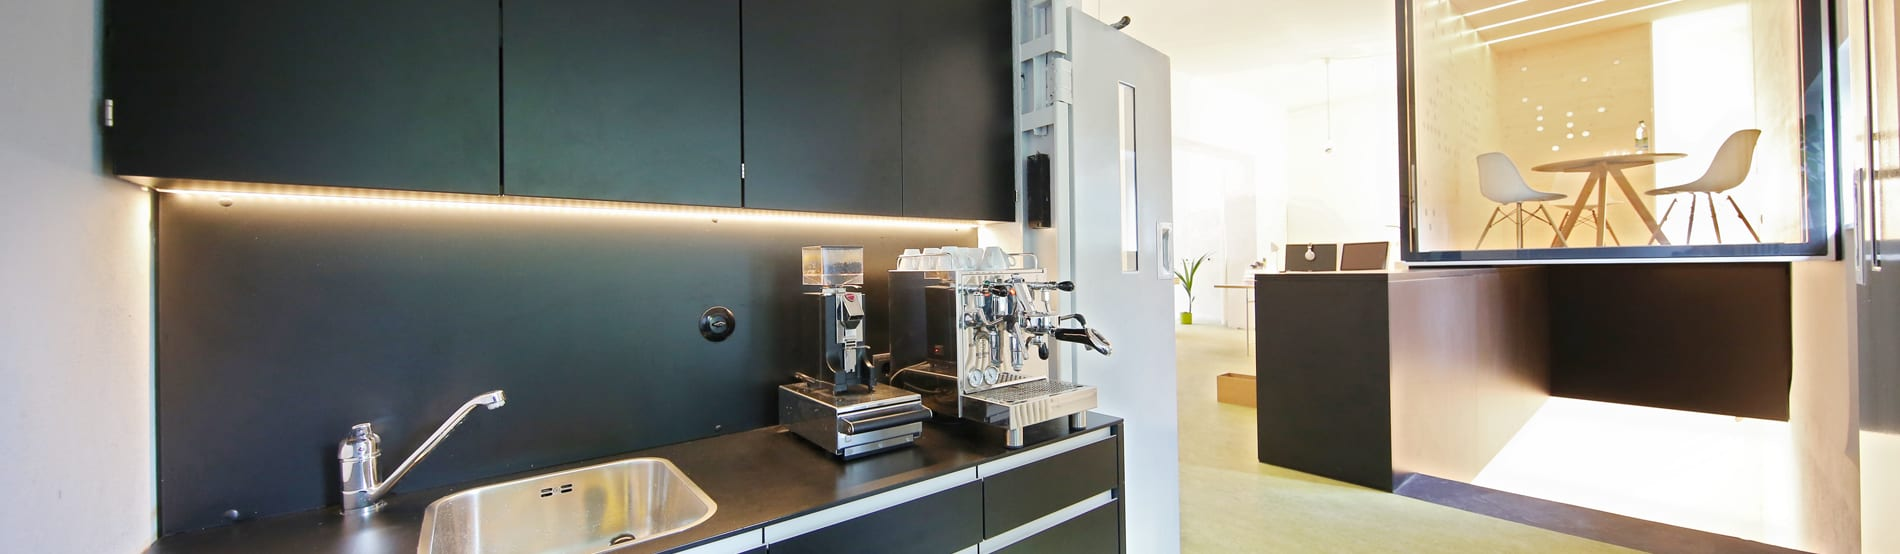 Mensch + Raum   Interior Design & Möbel